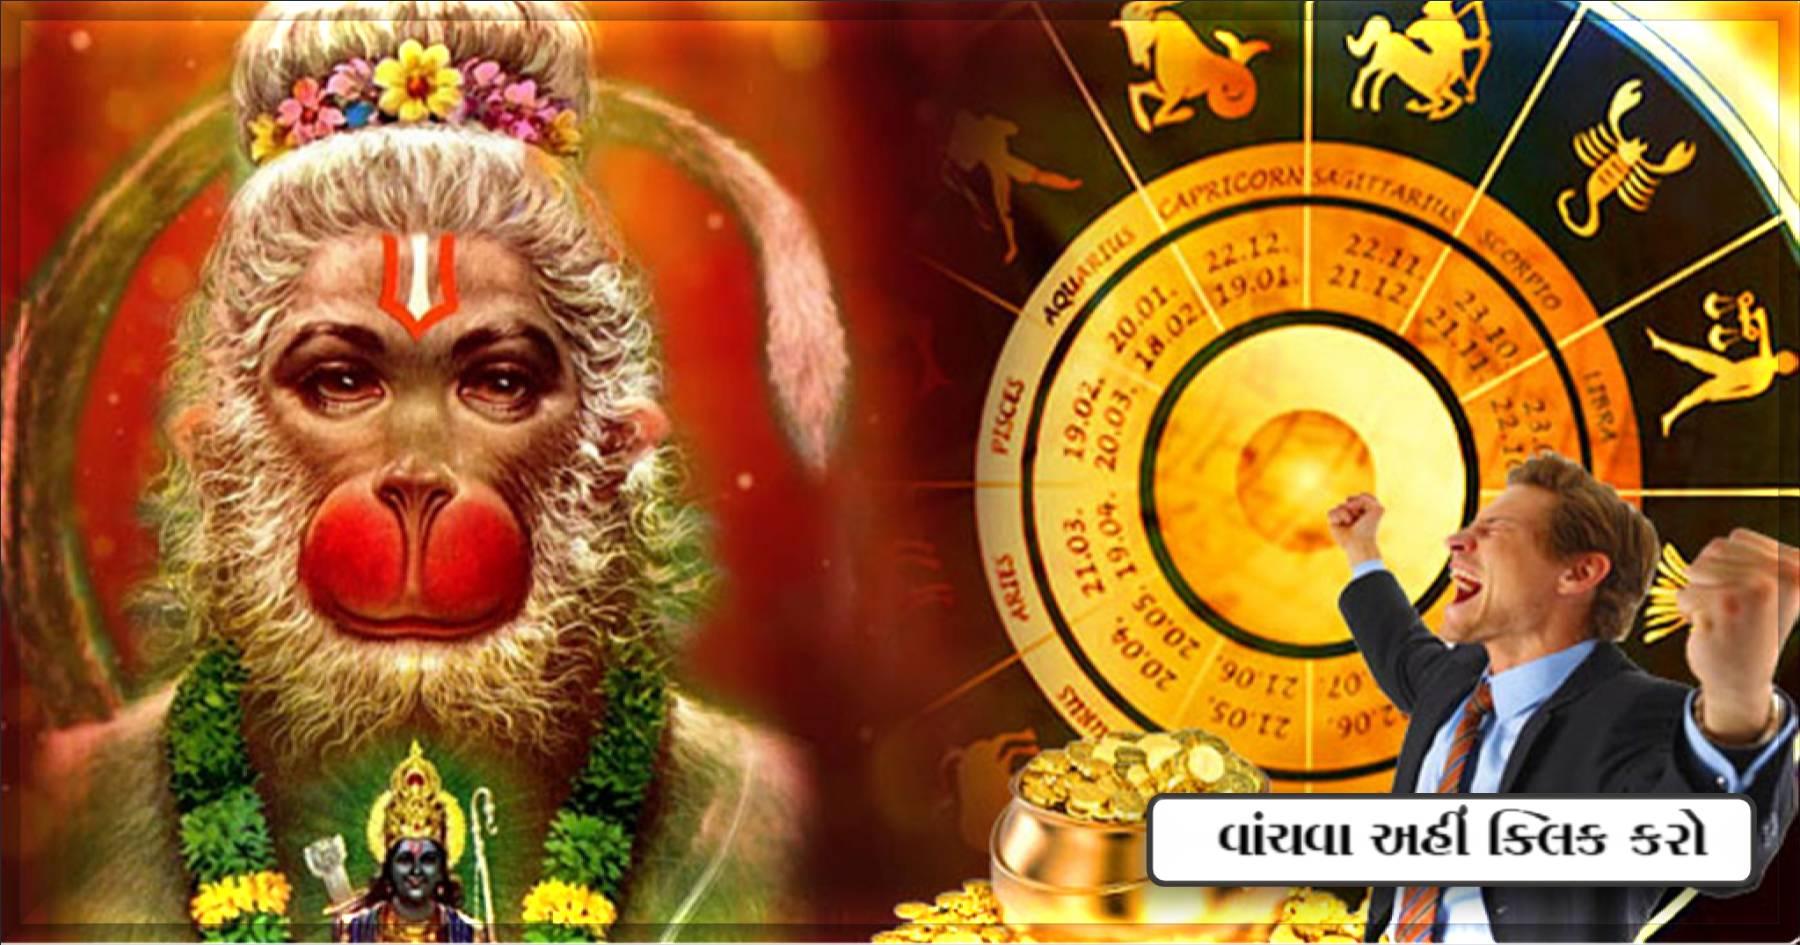 પવન પુત્ર  હનુમાન આ 6 રાશિ-જાતકો ના બગડેલા કામ સુધારશે, નસીબ ખુલી જશે અને મળશે માન-સન્માન